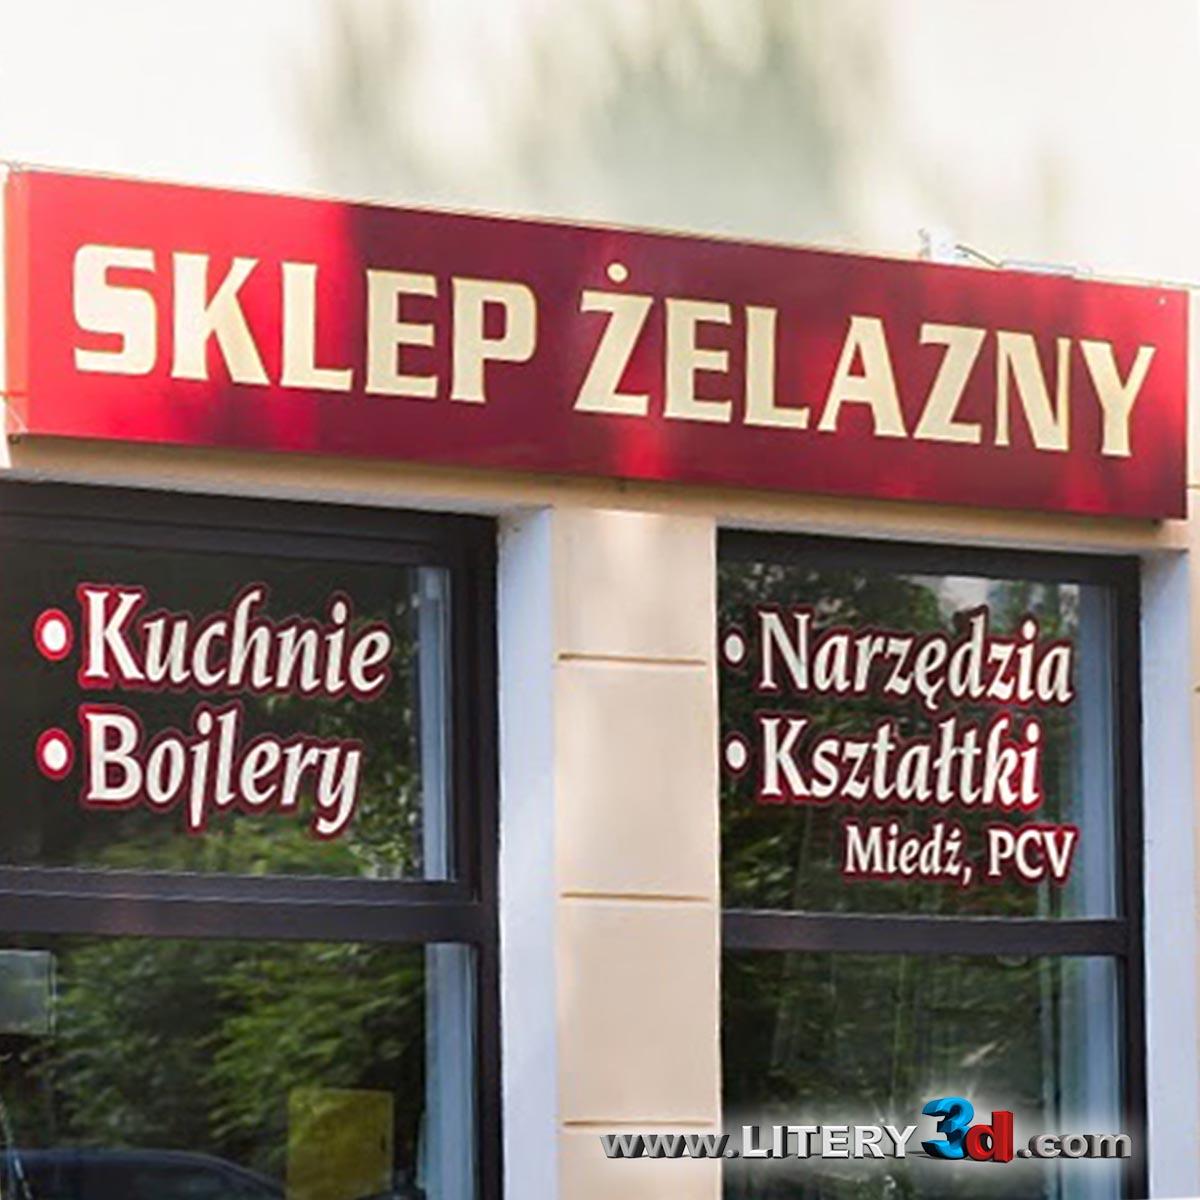 SKLEP ŻELAZNY - Nysa